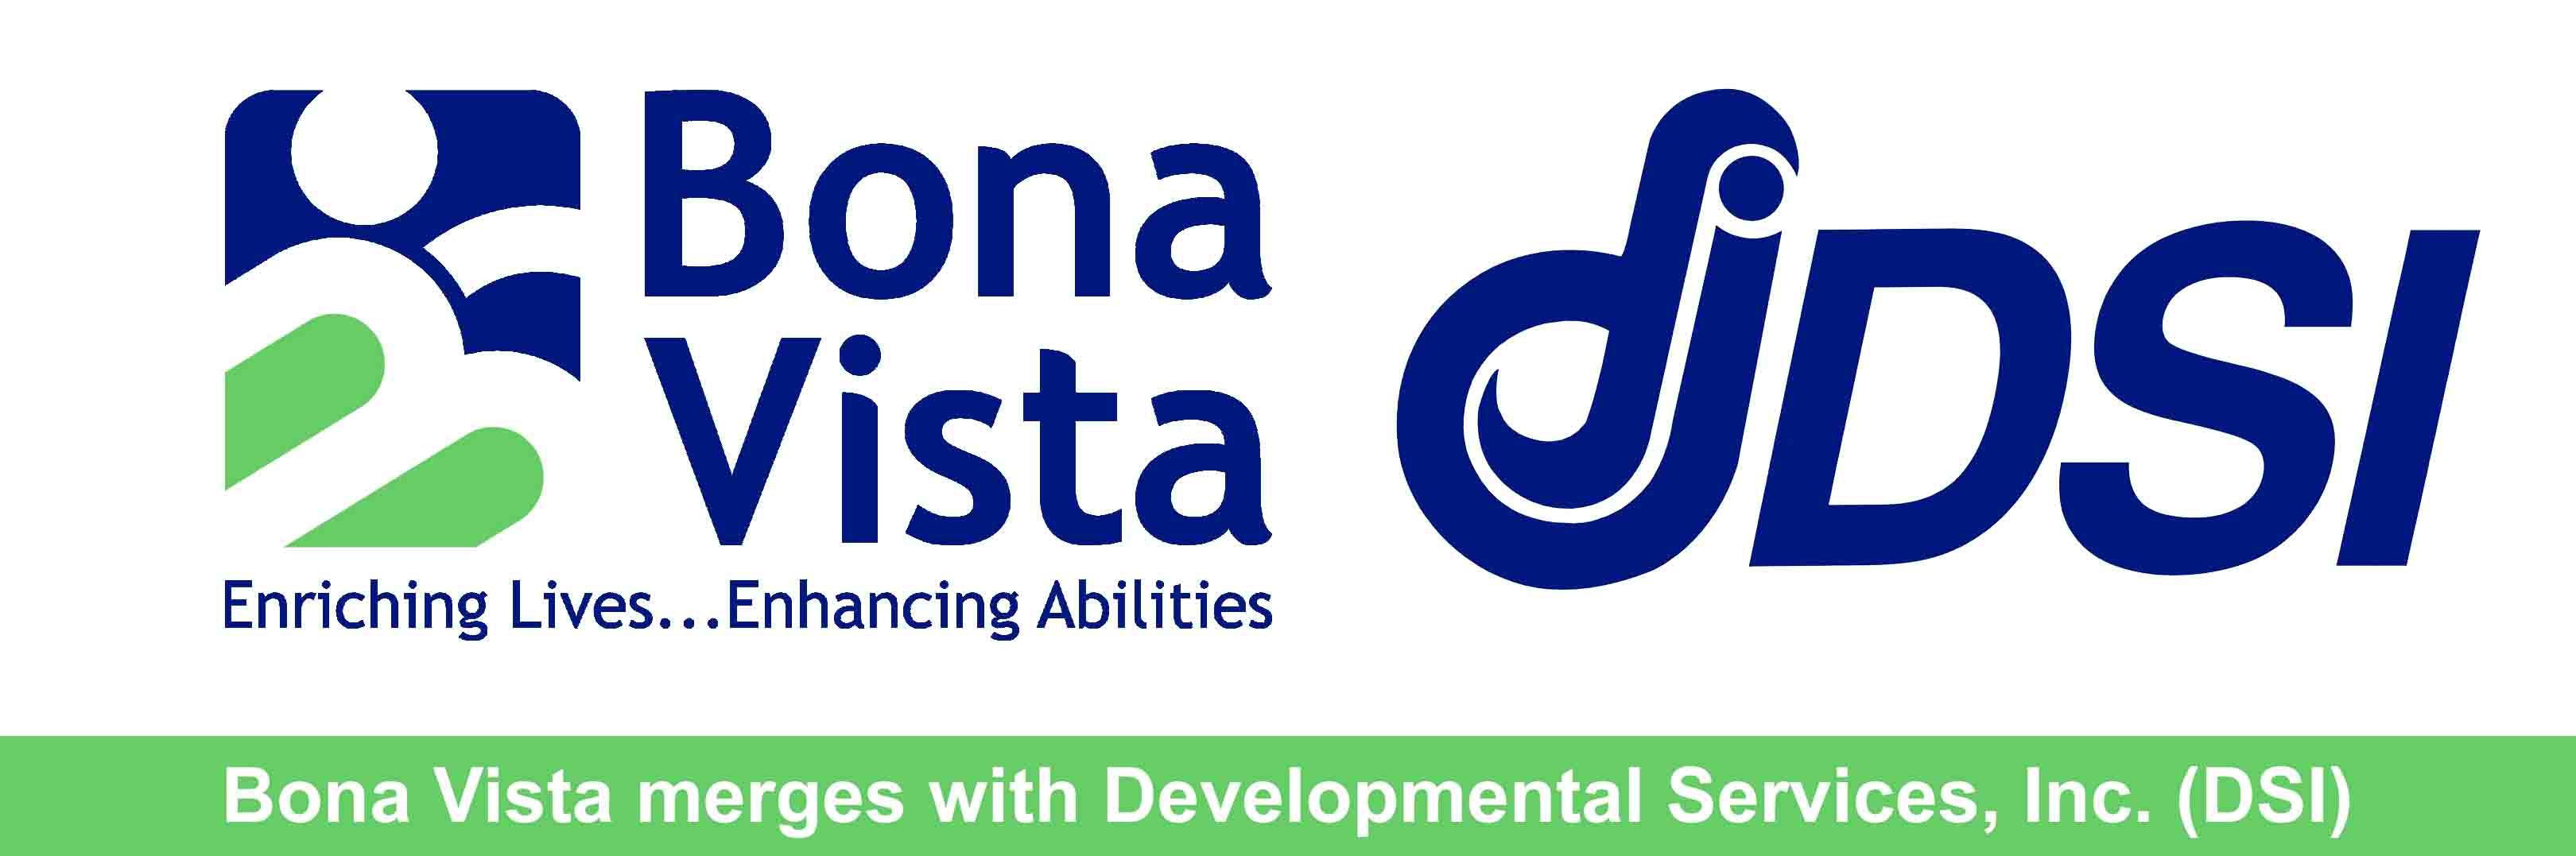 Bona Vista merges with DSI slider 2